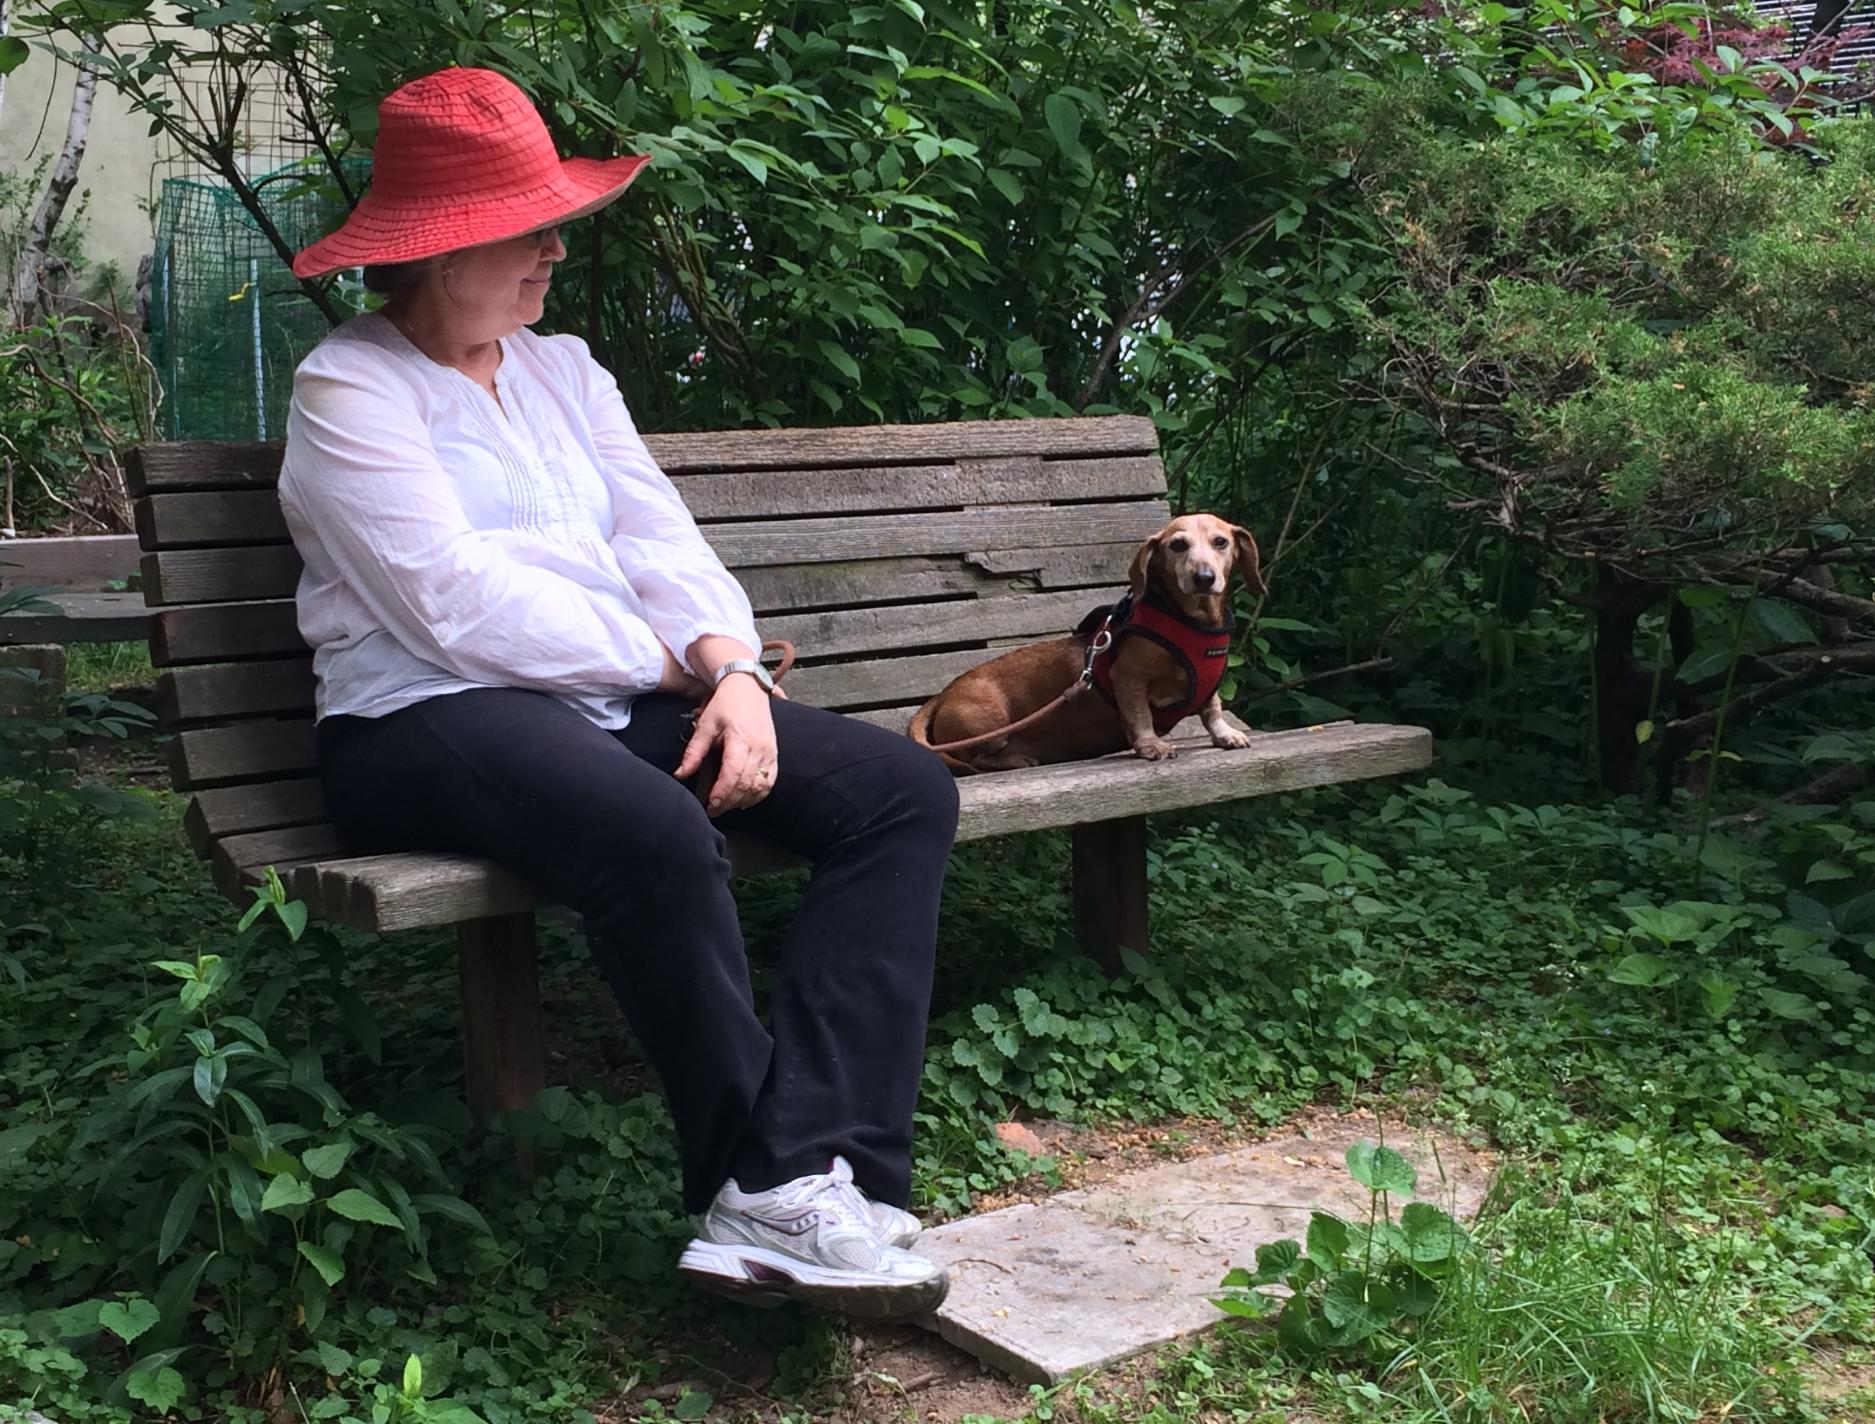 Two longterm members enjoying the garden